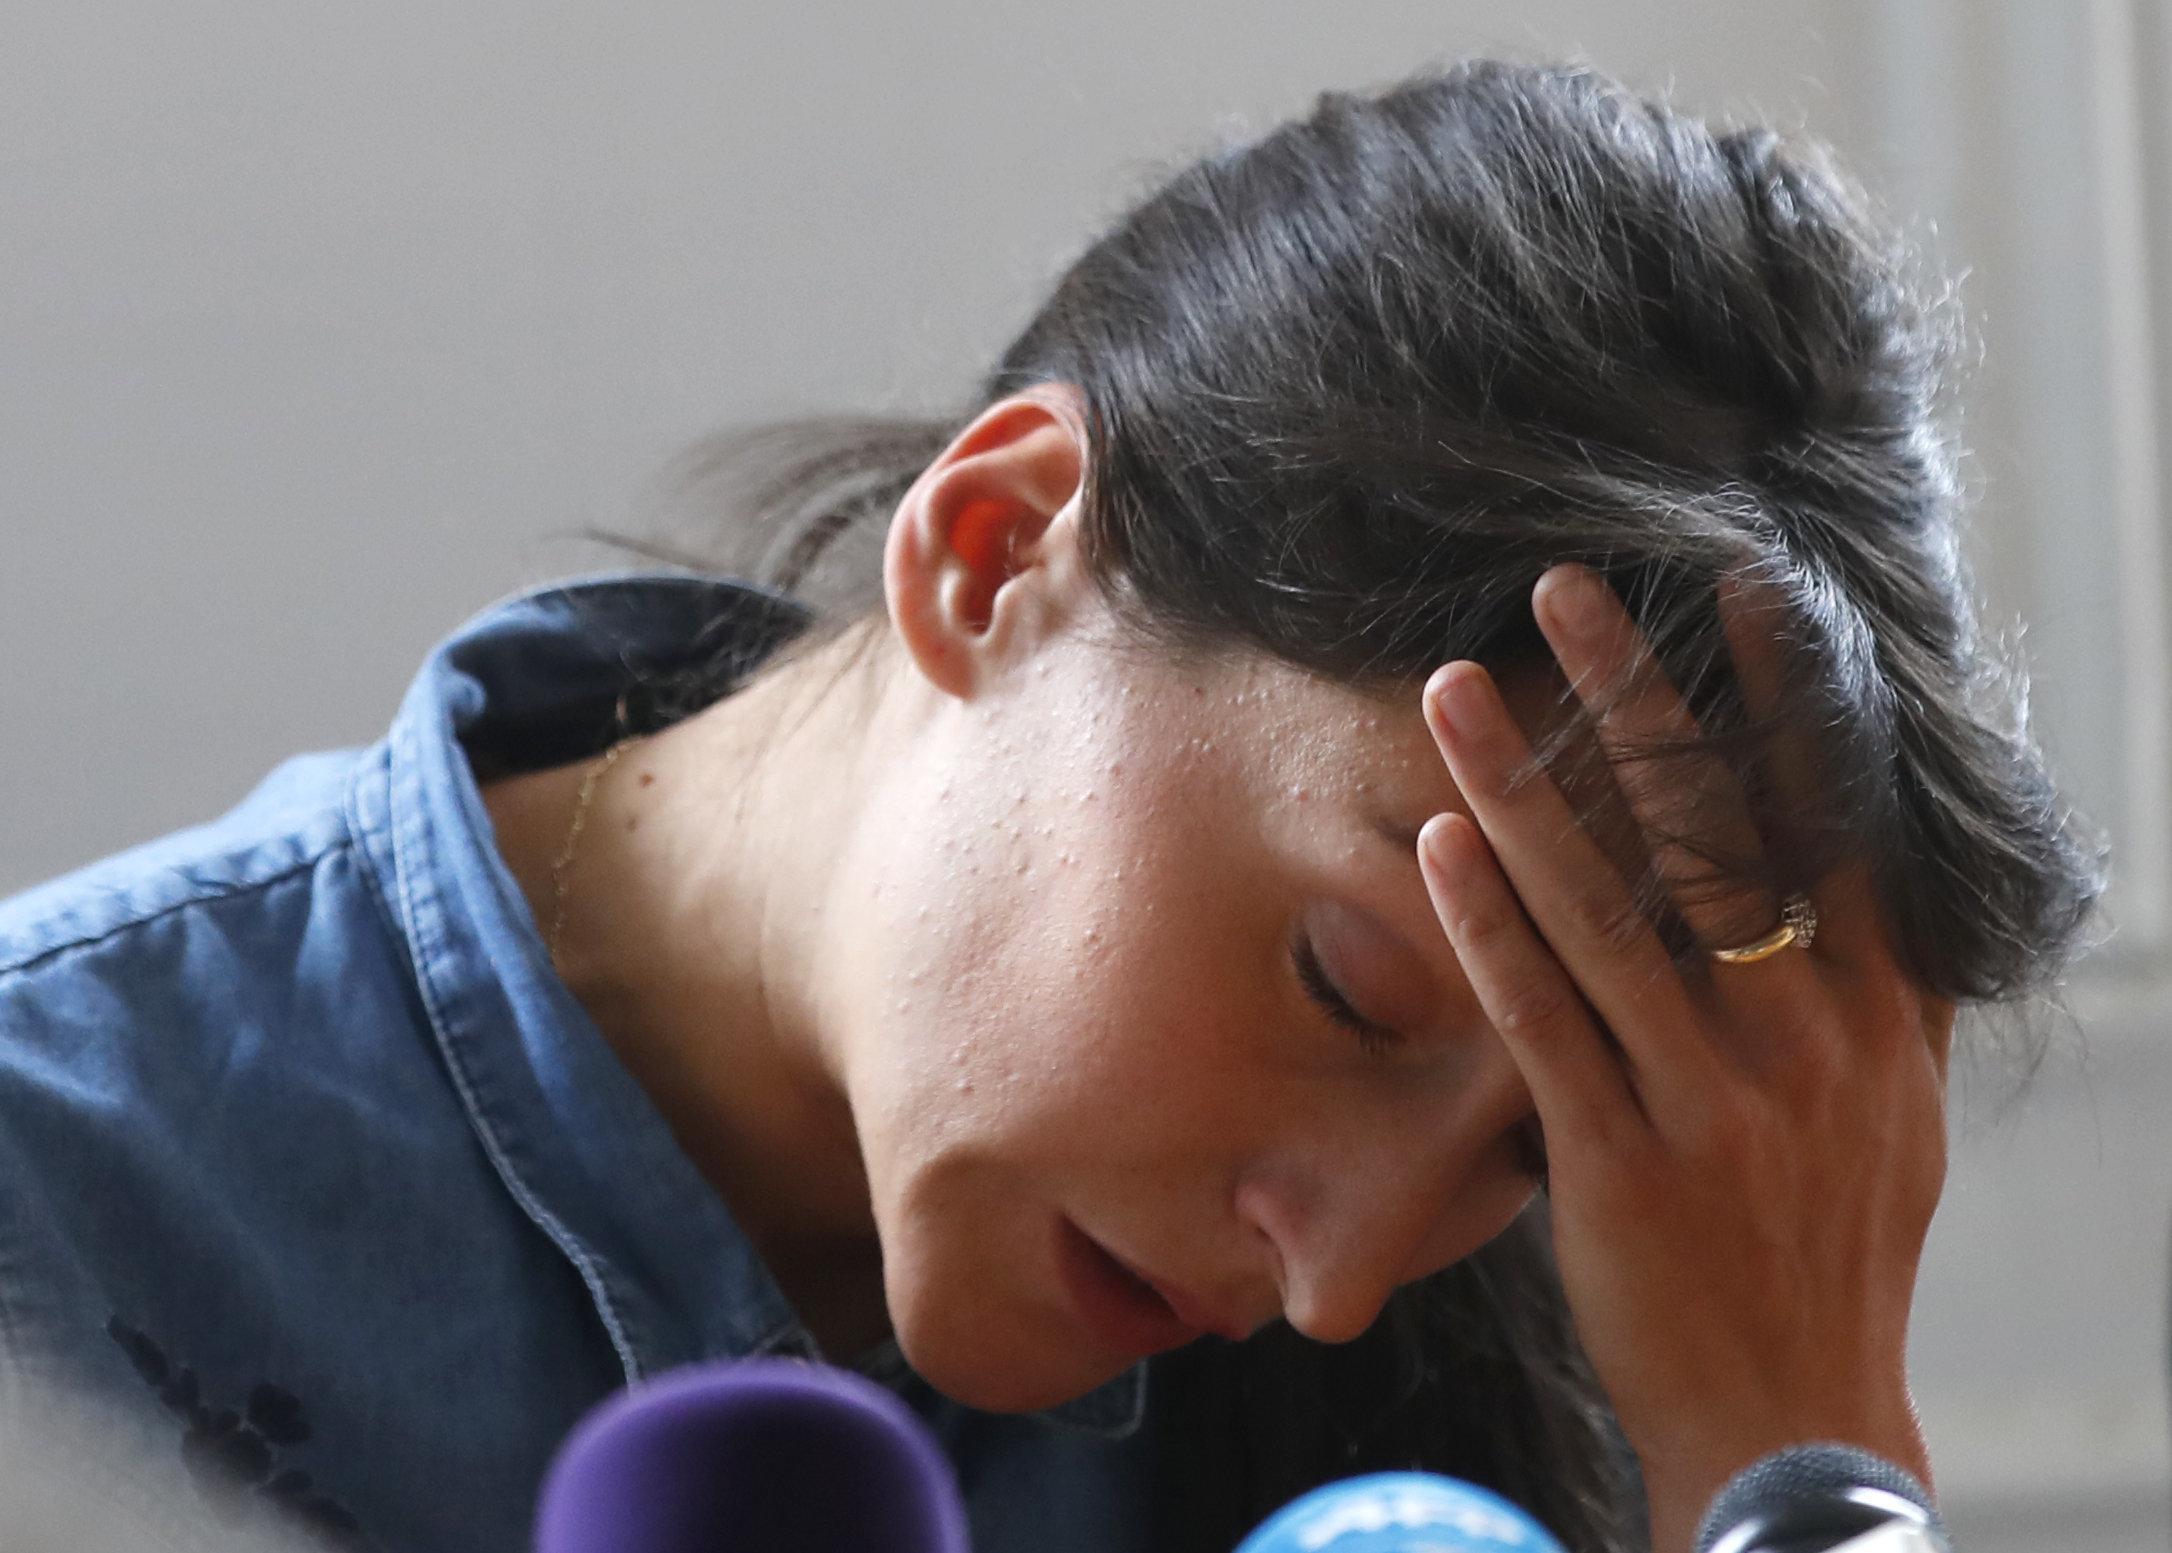 L'athlète Clémence Calvin brise le silence et parle de son contrôle antidopage à